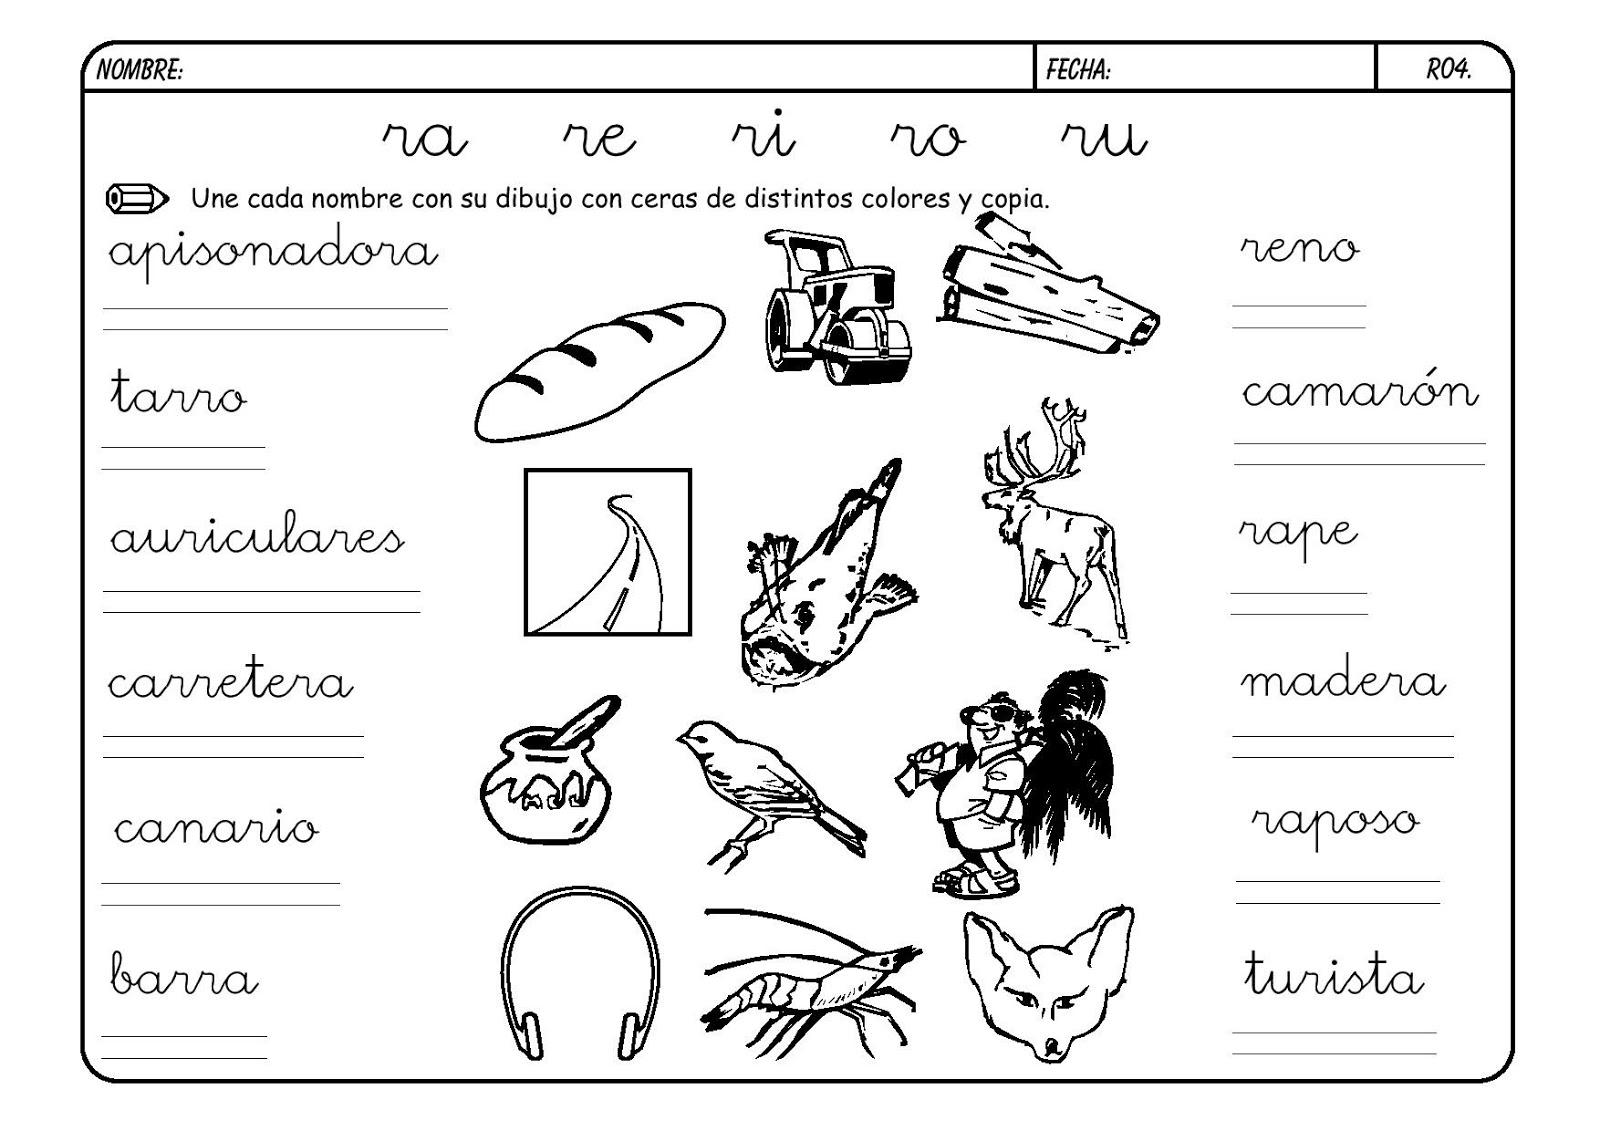 Cuentos Poemas Y Canciones Para Ninos La Letra R